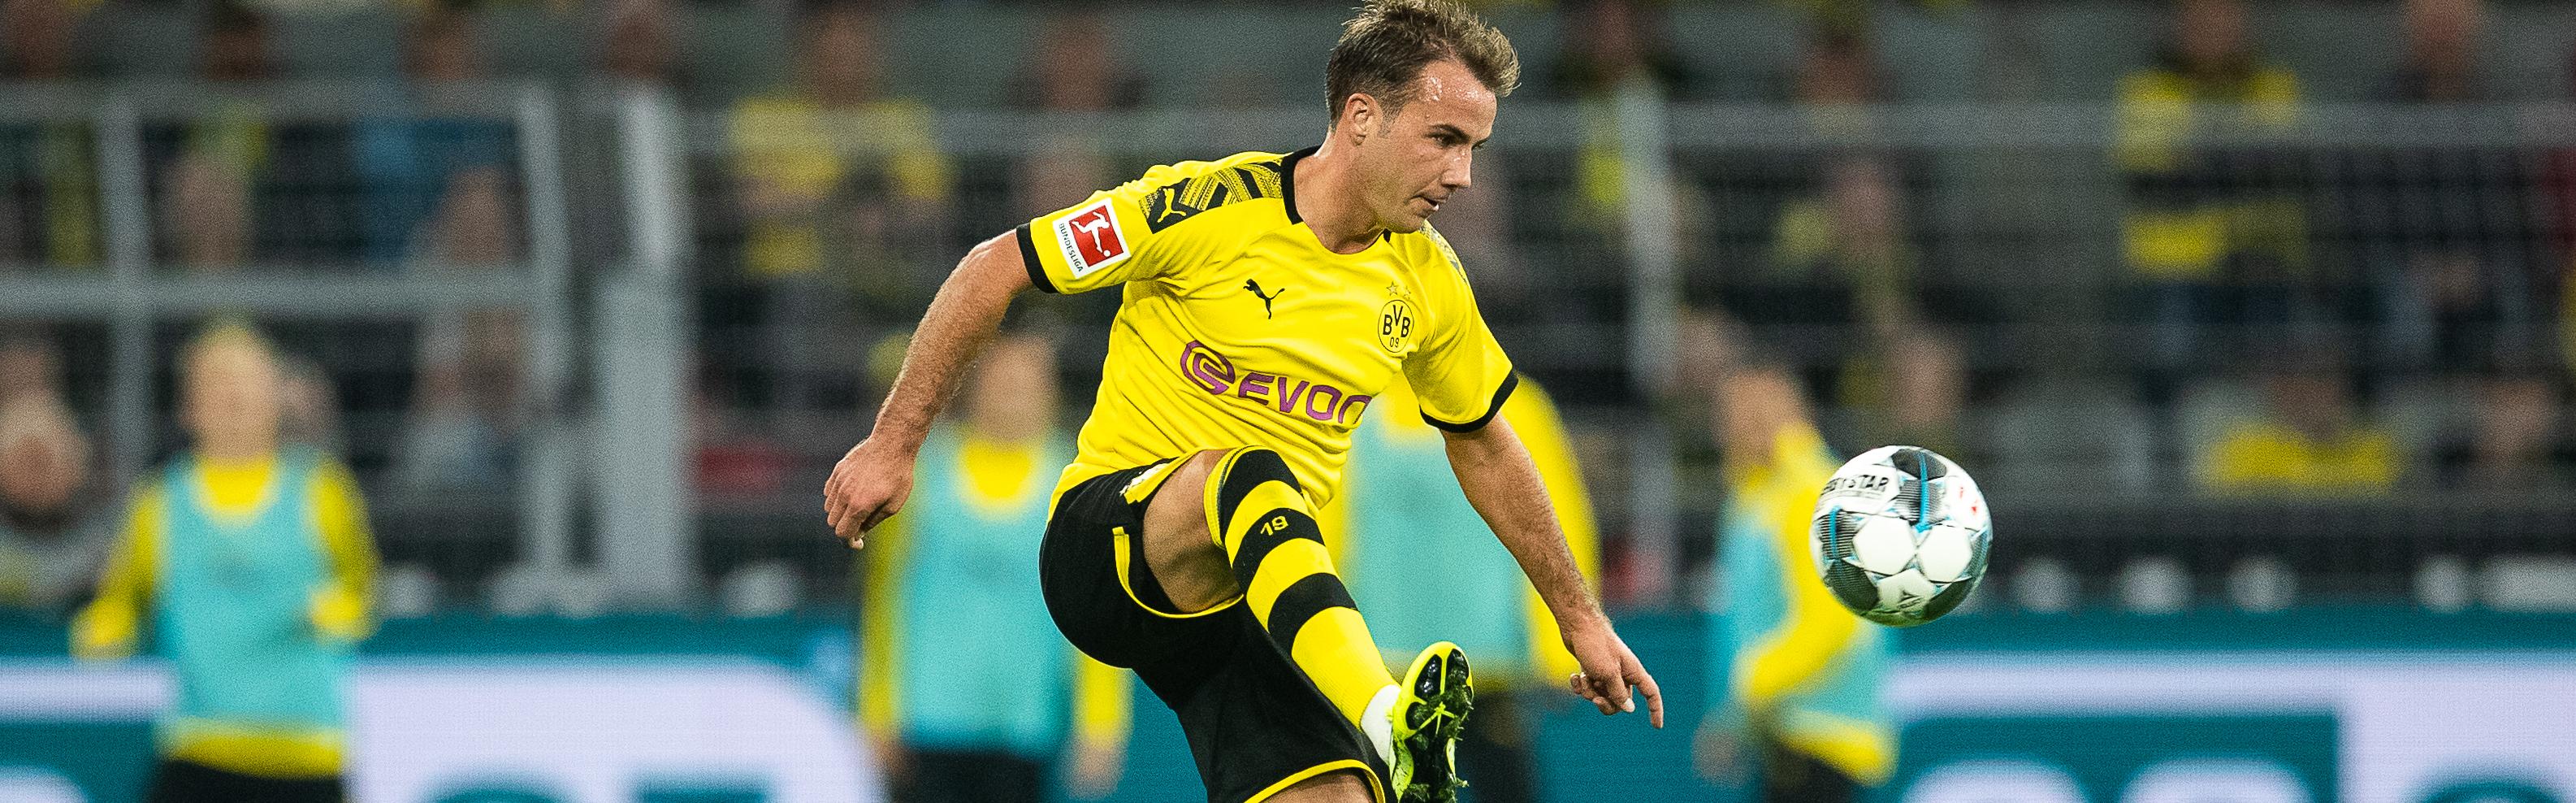 Borussia Dortmund-Borussia M'Gladbach: Favre vuole avvicinarsi ai Fohlen